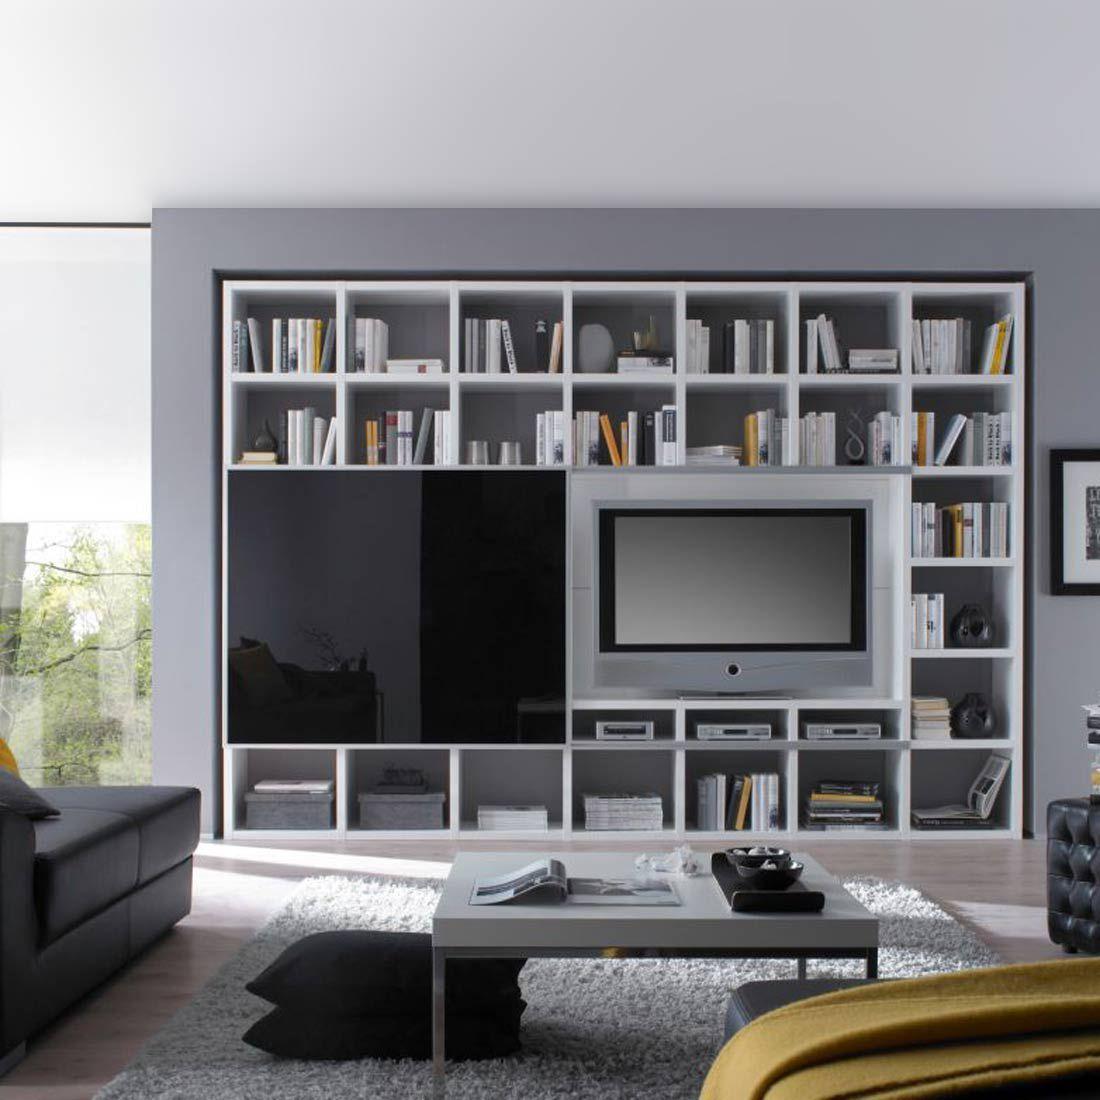 Home24 Tv Wand Empire Mit Bildern Wohnen Wohnwand Tv Hifi Mobel